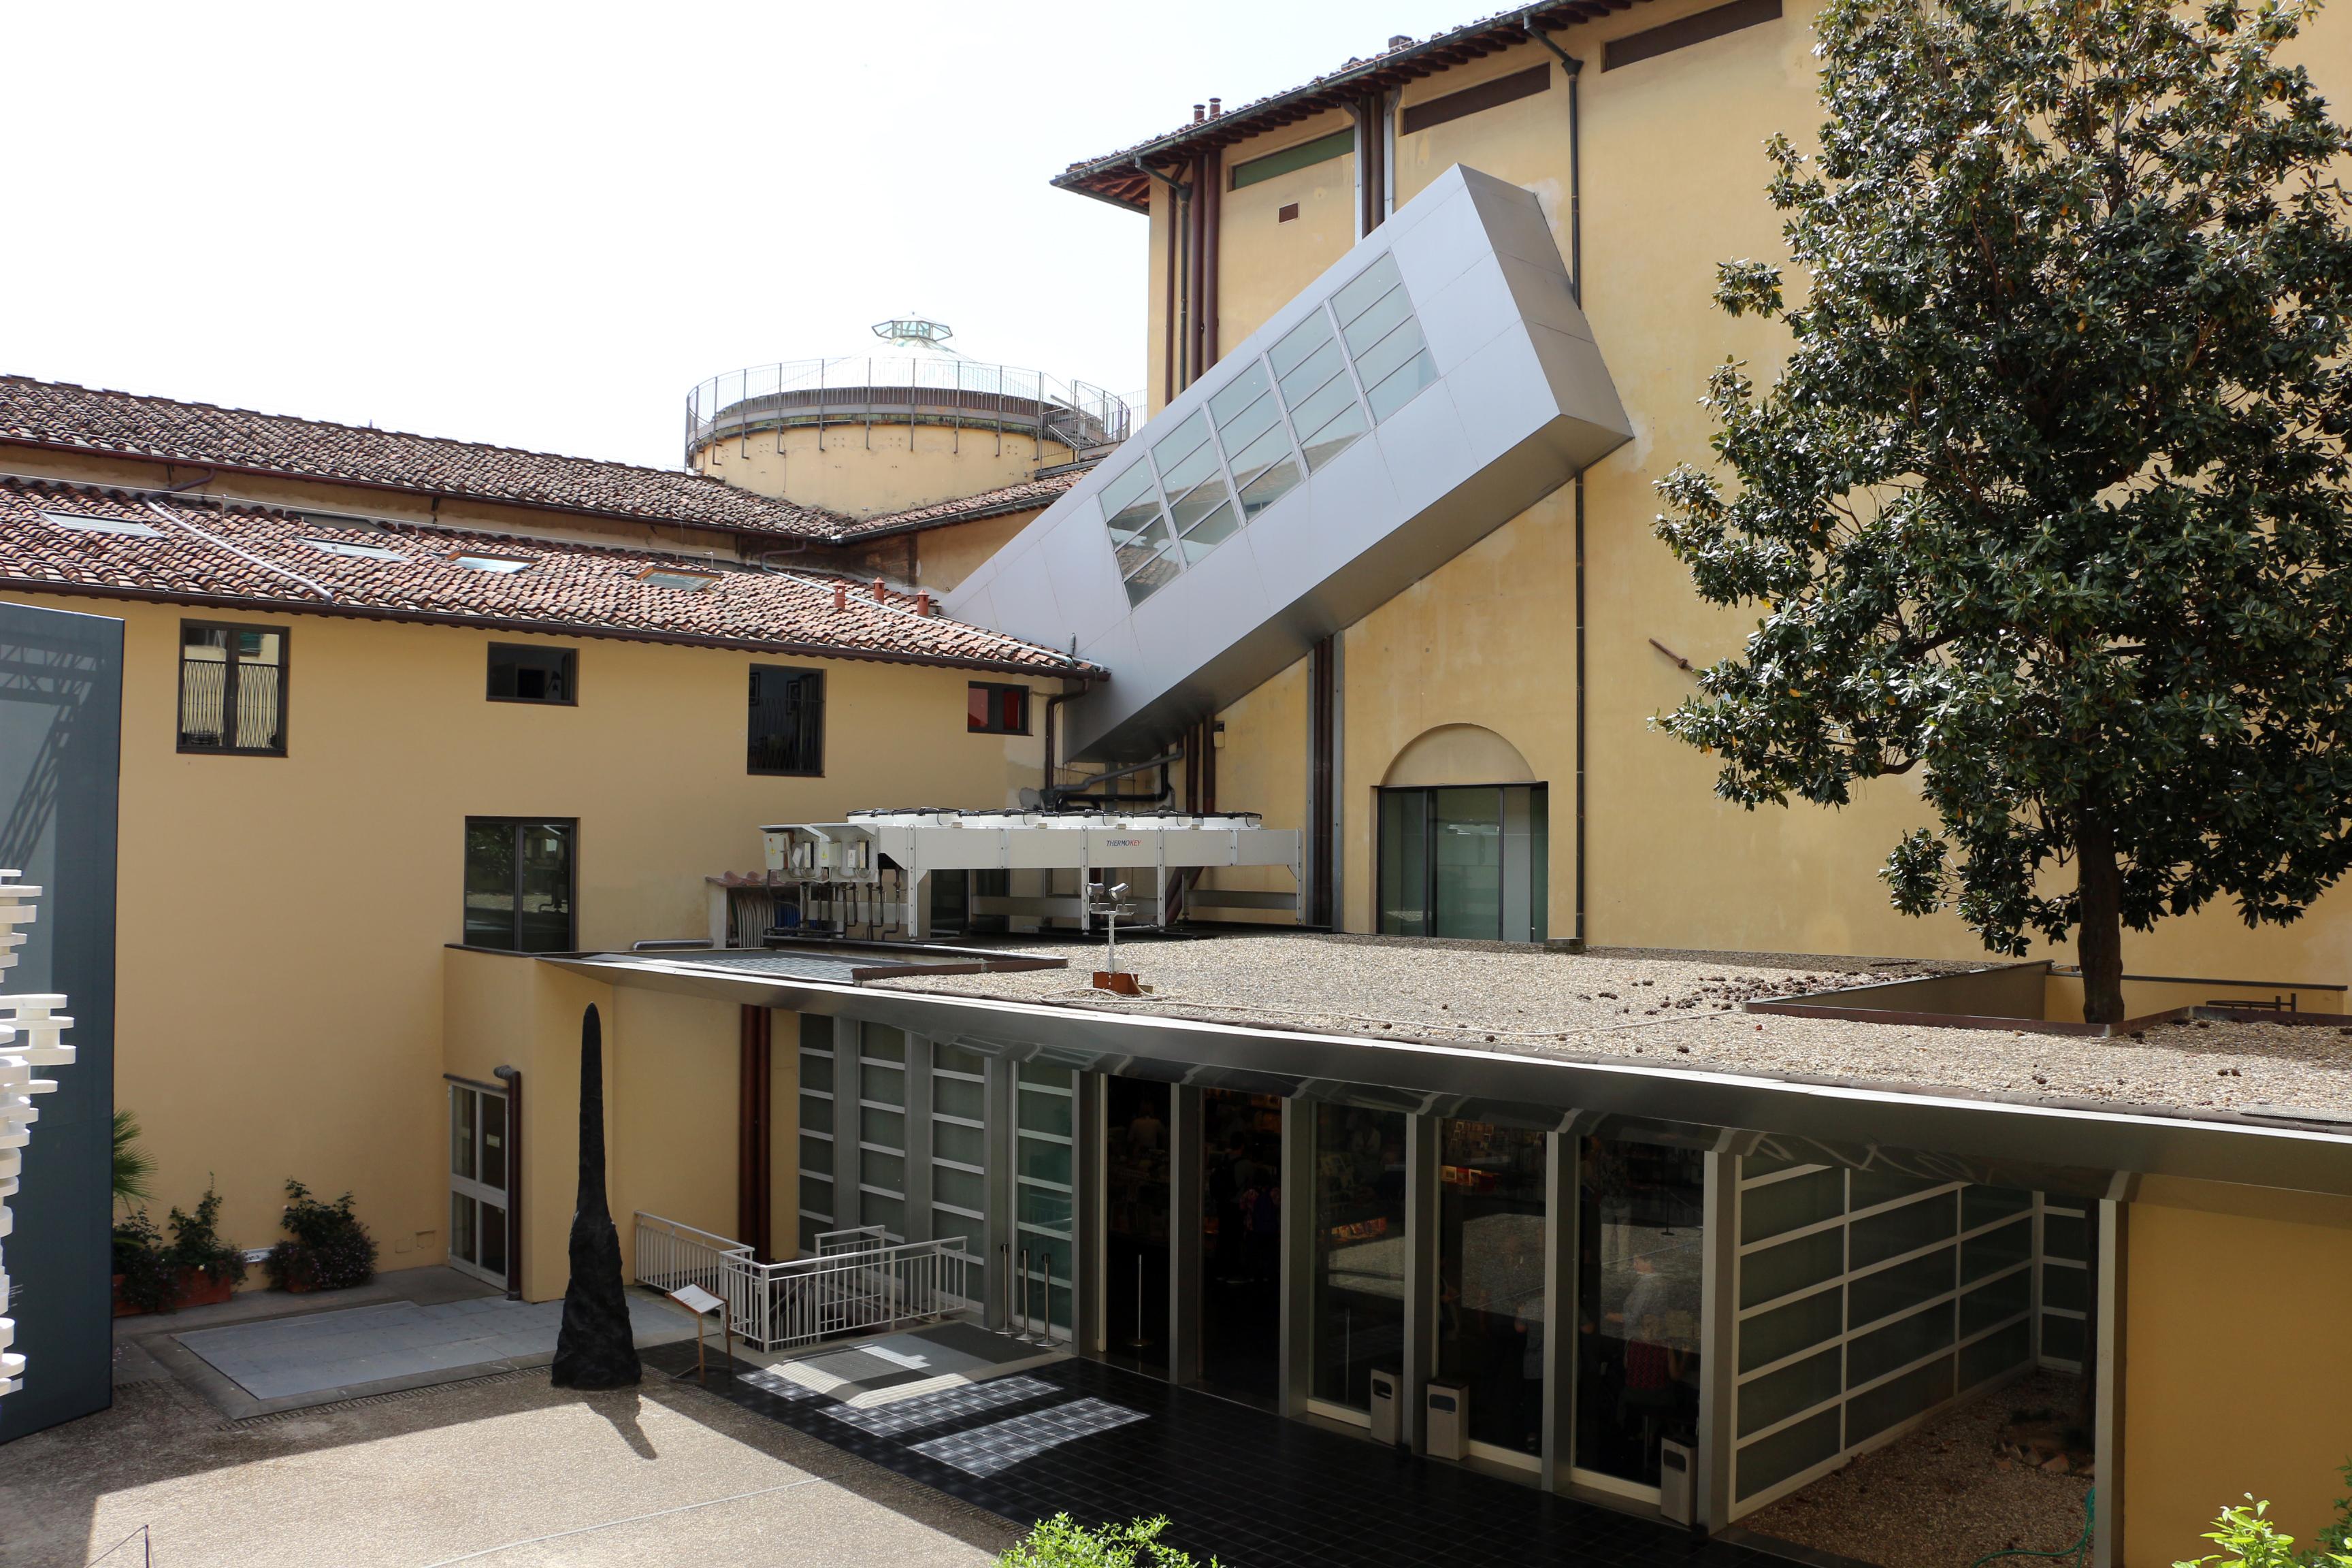 Fileaccademia di firenze veduta sul cortile del museo dell fileaccademia di firenze veduta sul cortile del museo dellaccademia 04 sciox Image collections